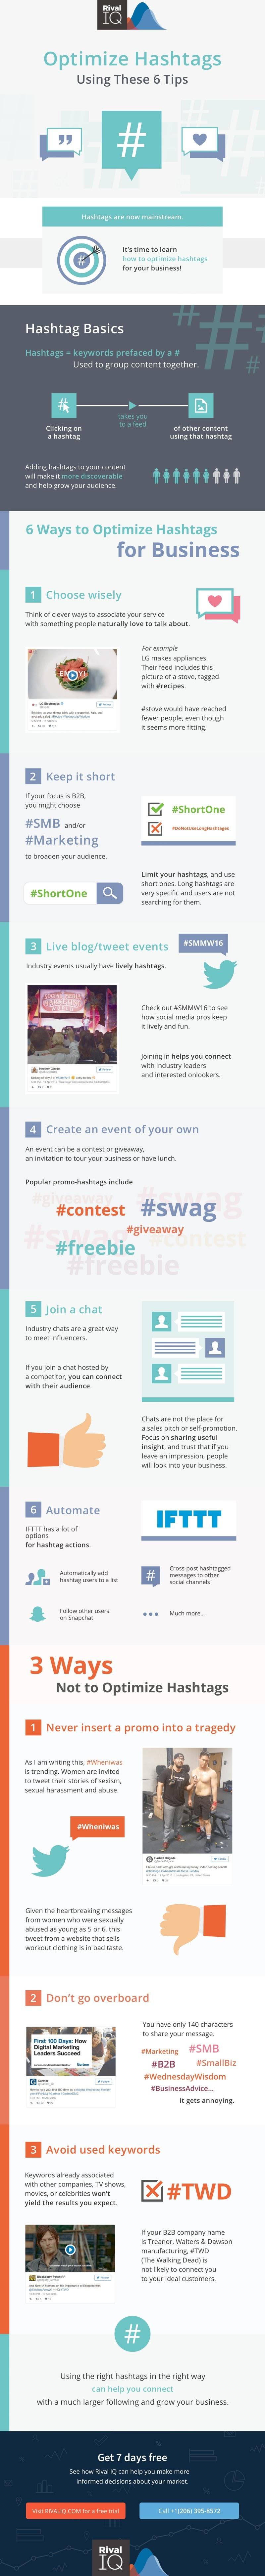 6 Cara Mengoptimalkan Hashtag untuk Bisnis [Infografik]